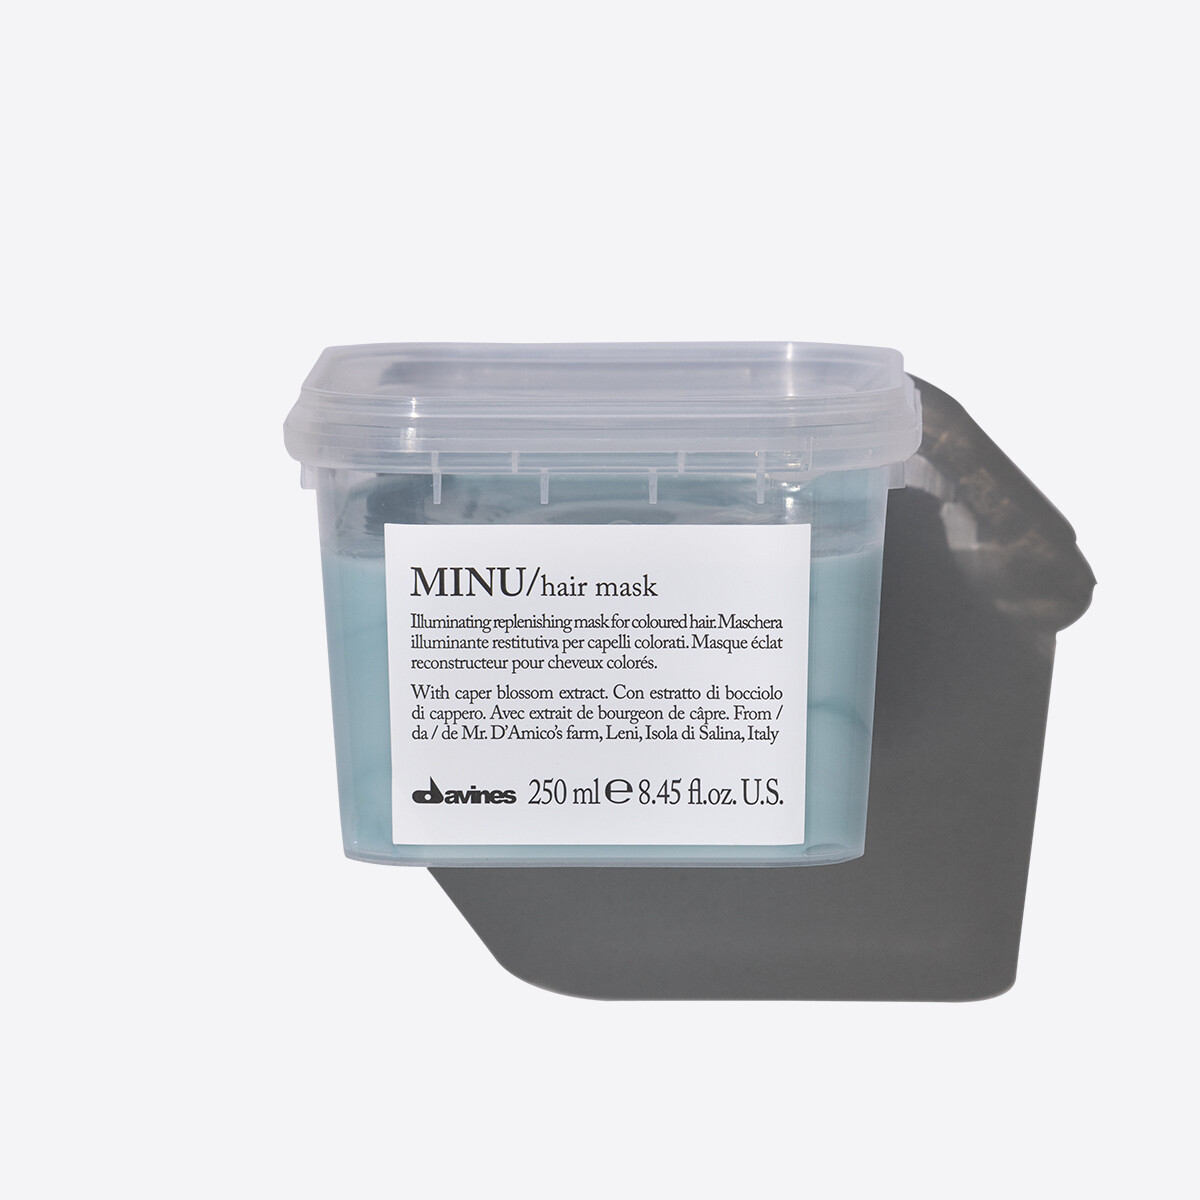 MINU/hair mask 250ml